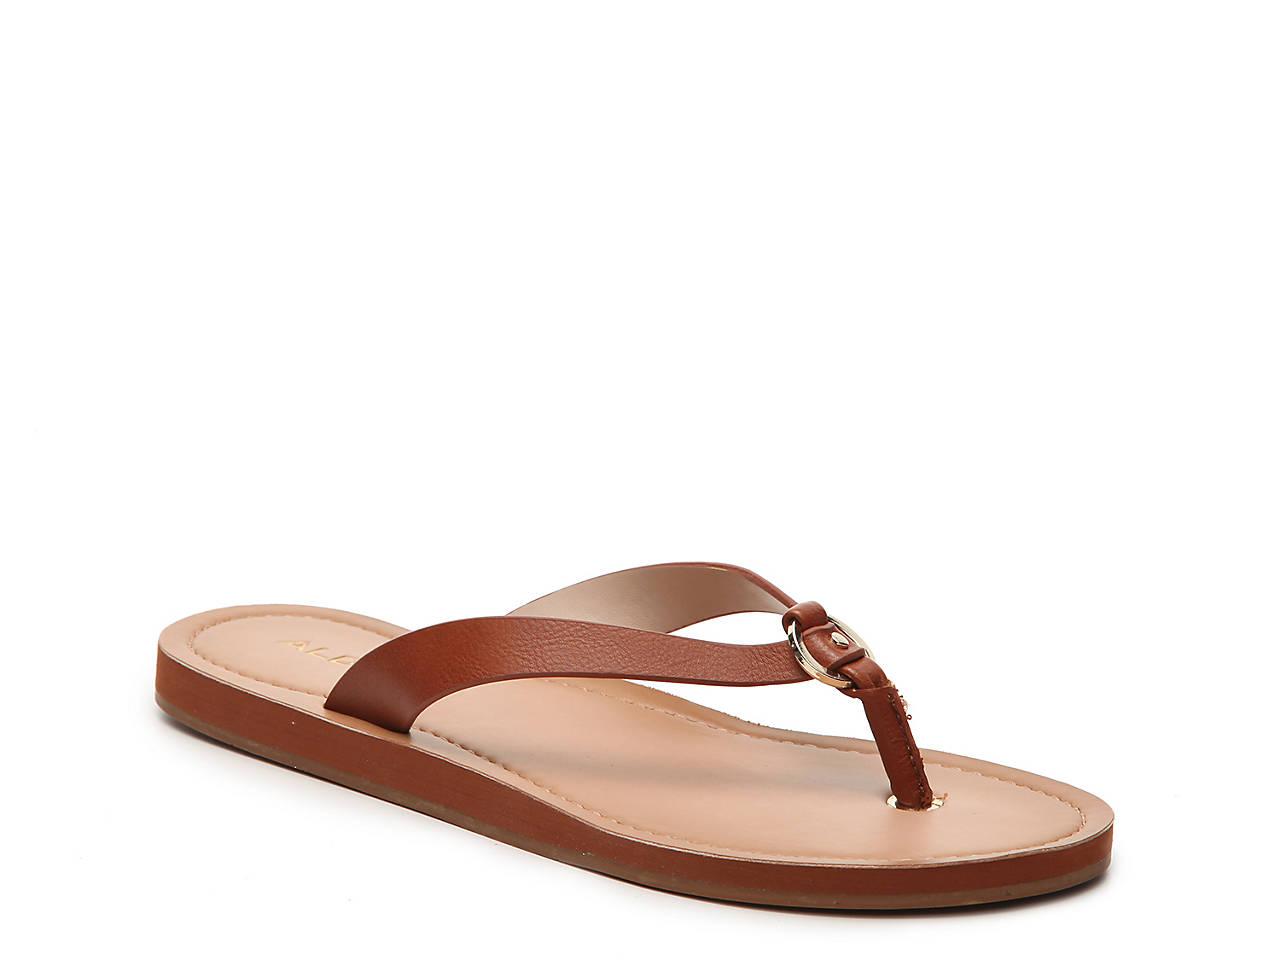 Aldo Dorsten Flat Sandal Women s Shoes